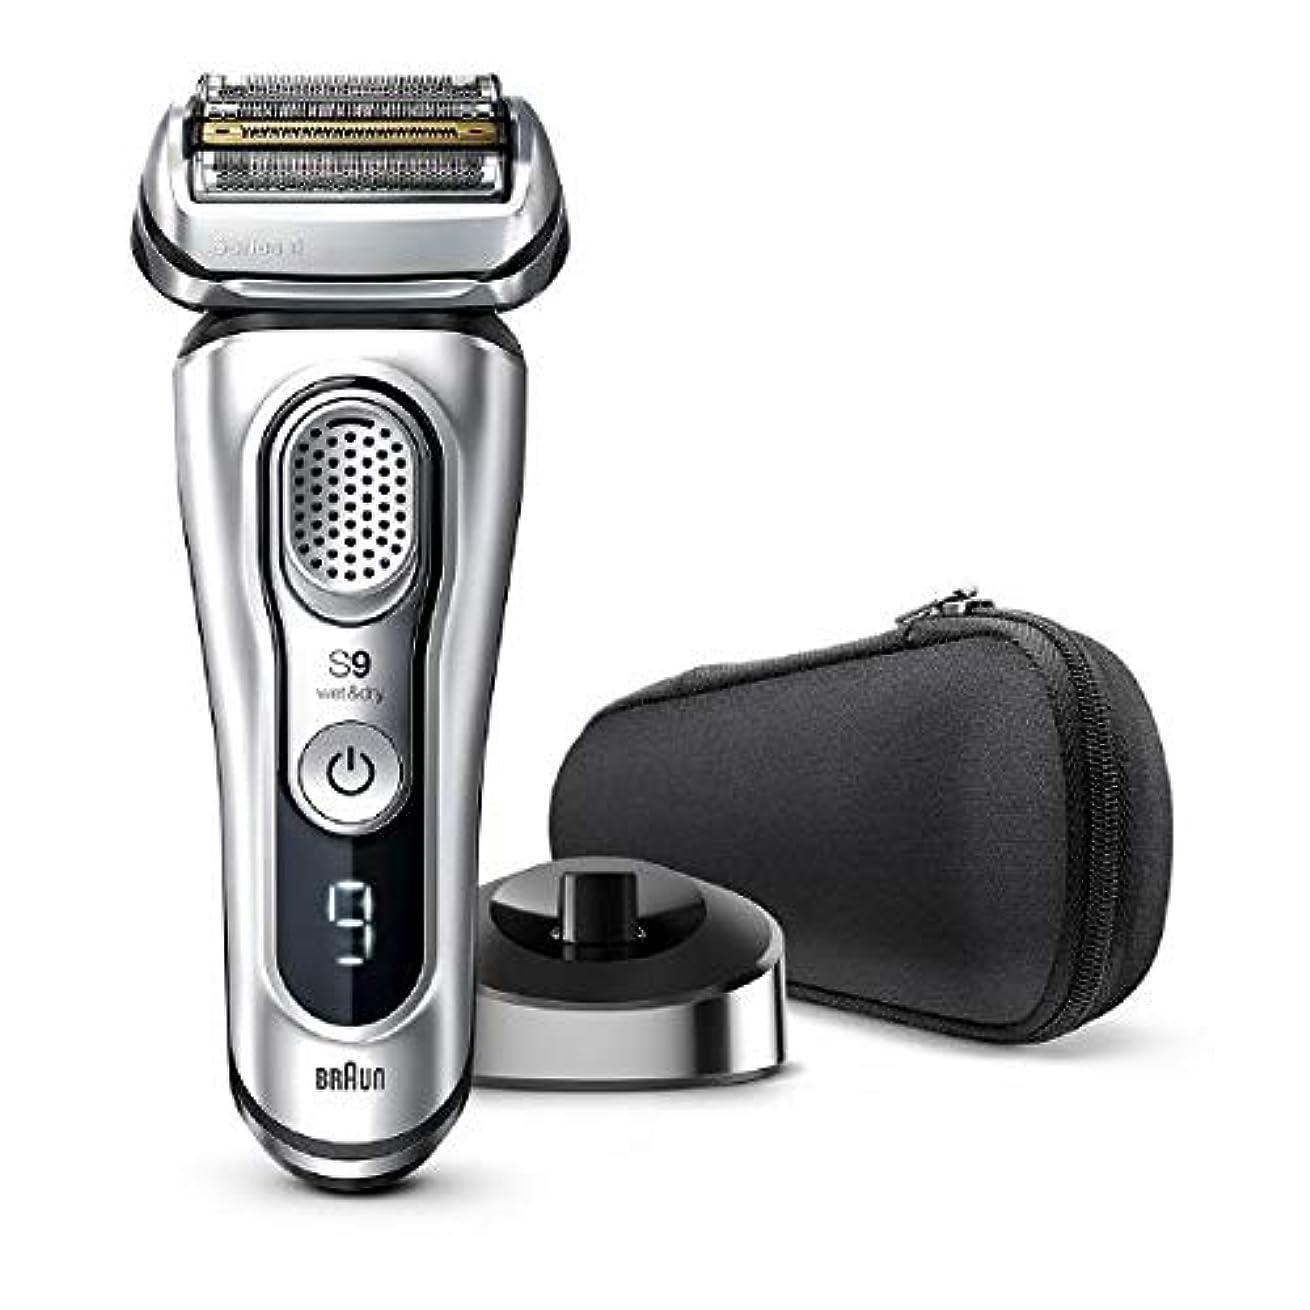 フレッシュ正確主観的ブラウン メンズ電気シェーバー シリーズ9 5カットシステム 水洗い/お風呂剃り可 9345s